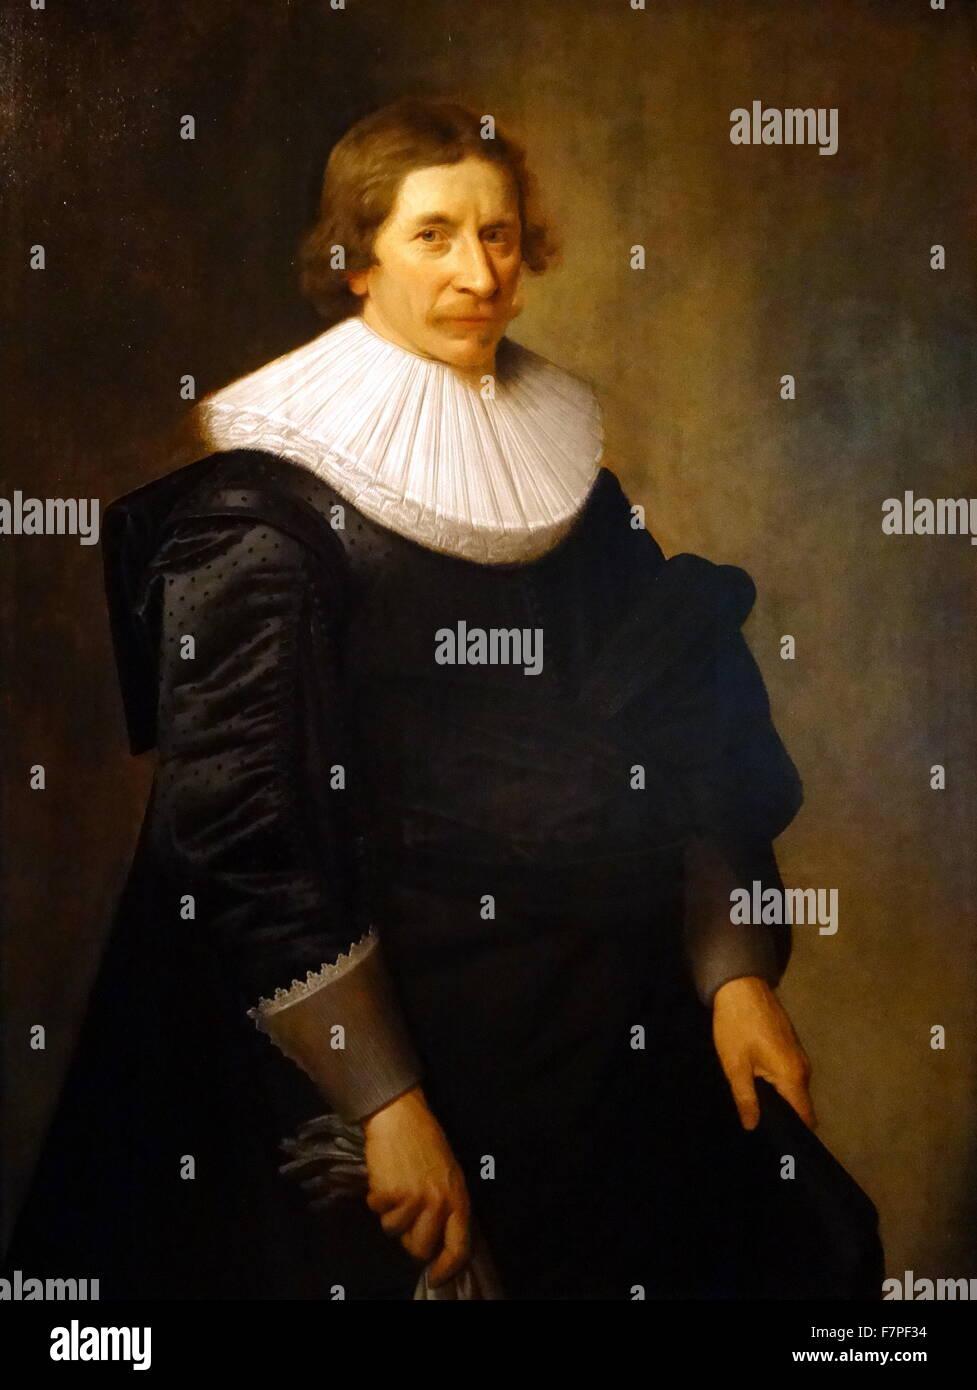 Ritratto di Ignoto Man. Olio su pannello), 1620 s, da Nicolaes Pikenoy (scuola olandese) Immagini Stock